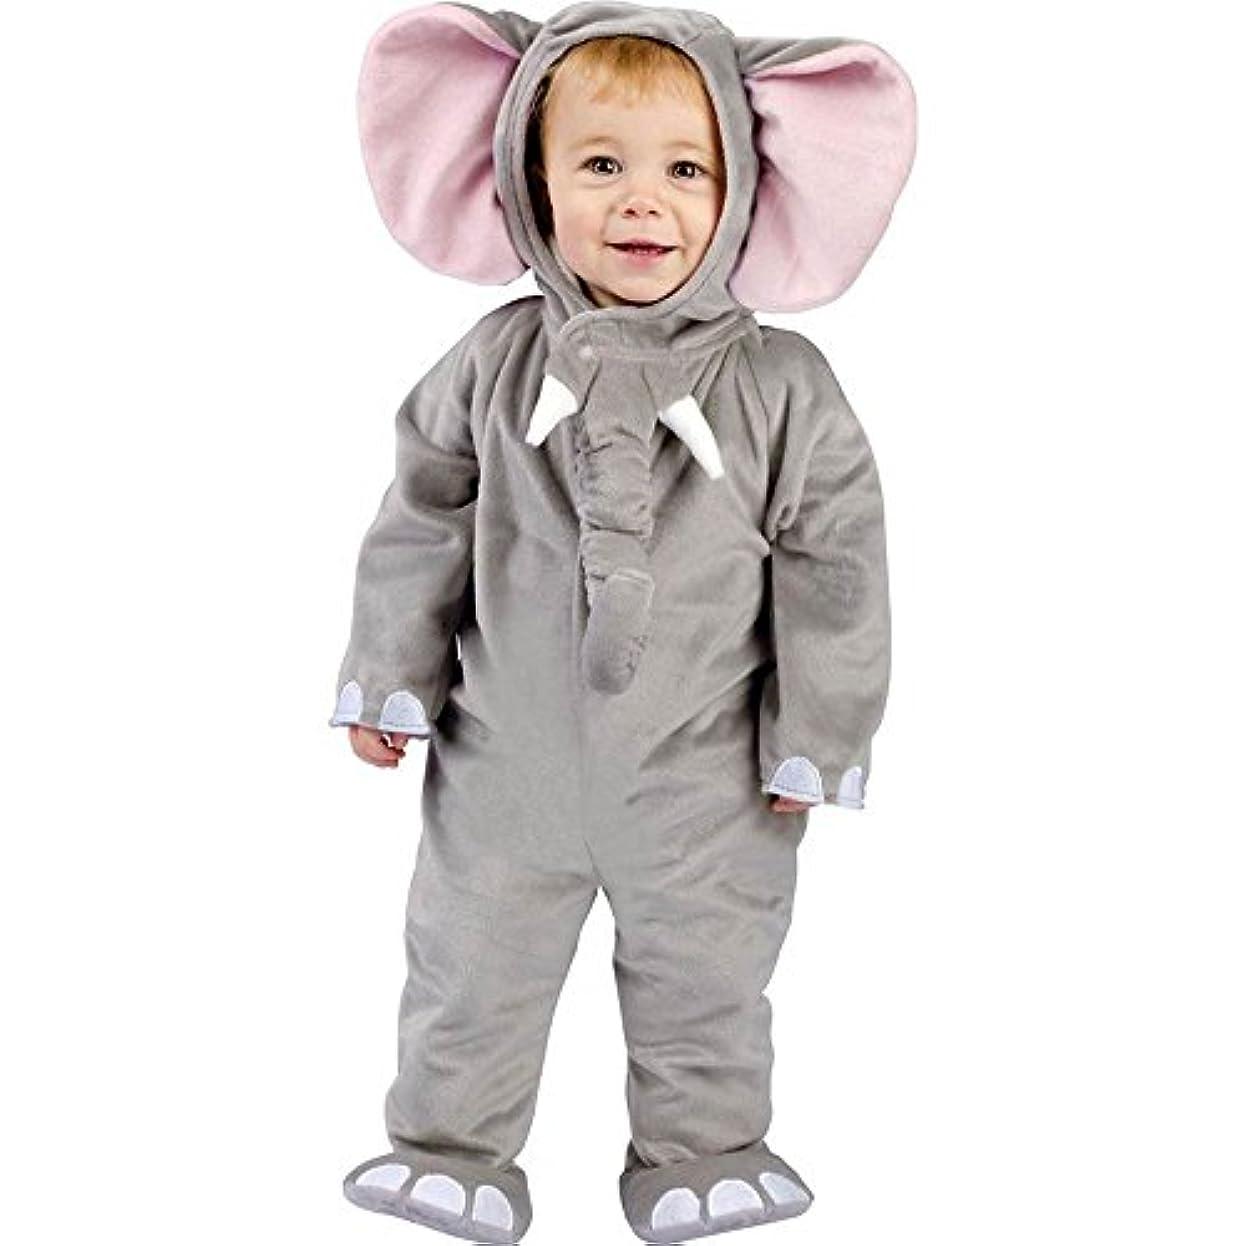 円形手のひら増幅器Cuddly Elephant Infant Costume かわいい象幼児コスチューム サイズ:6-12M